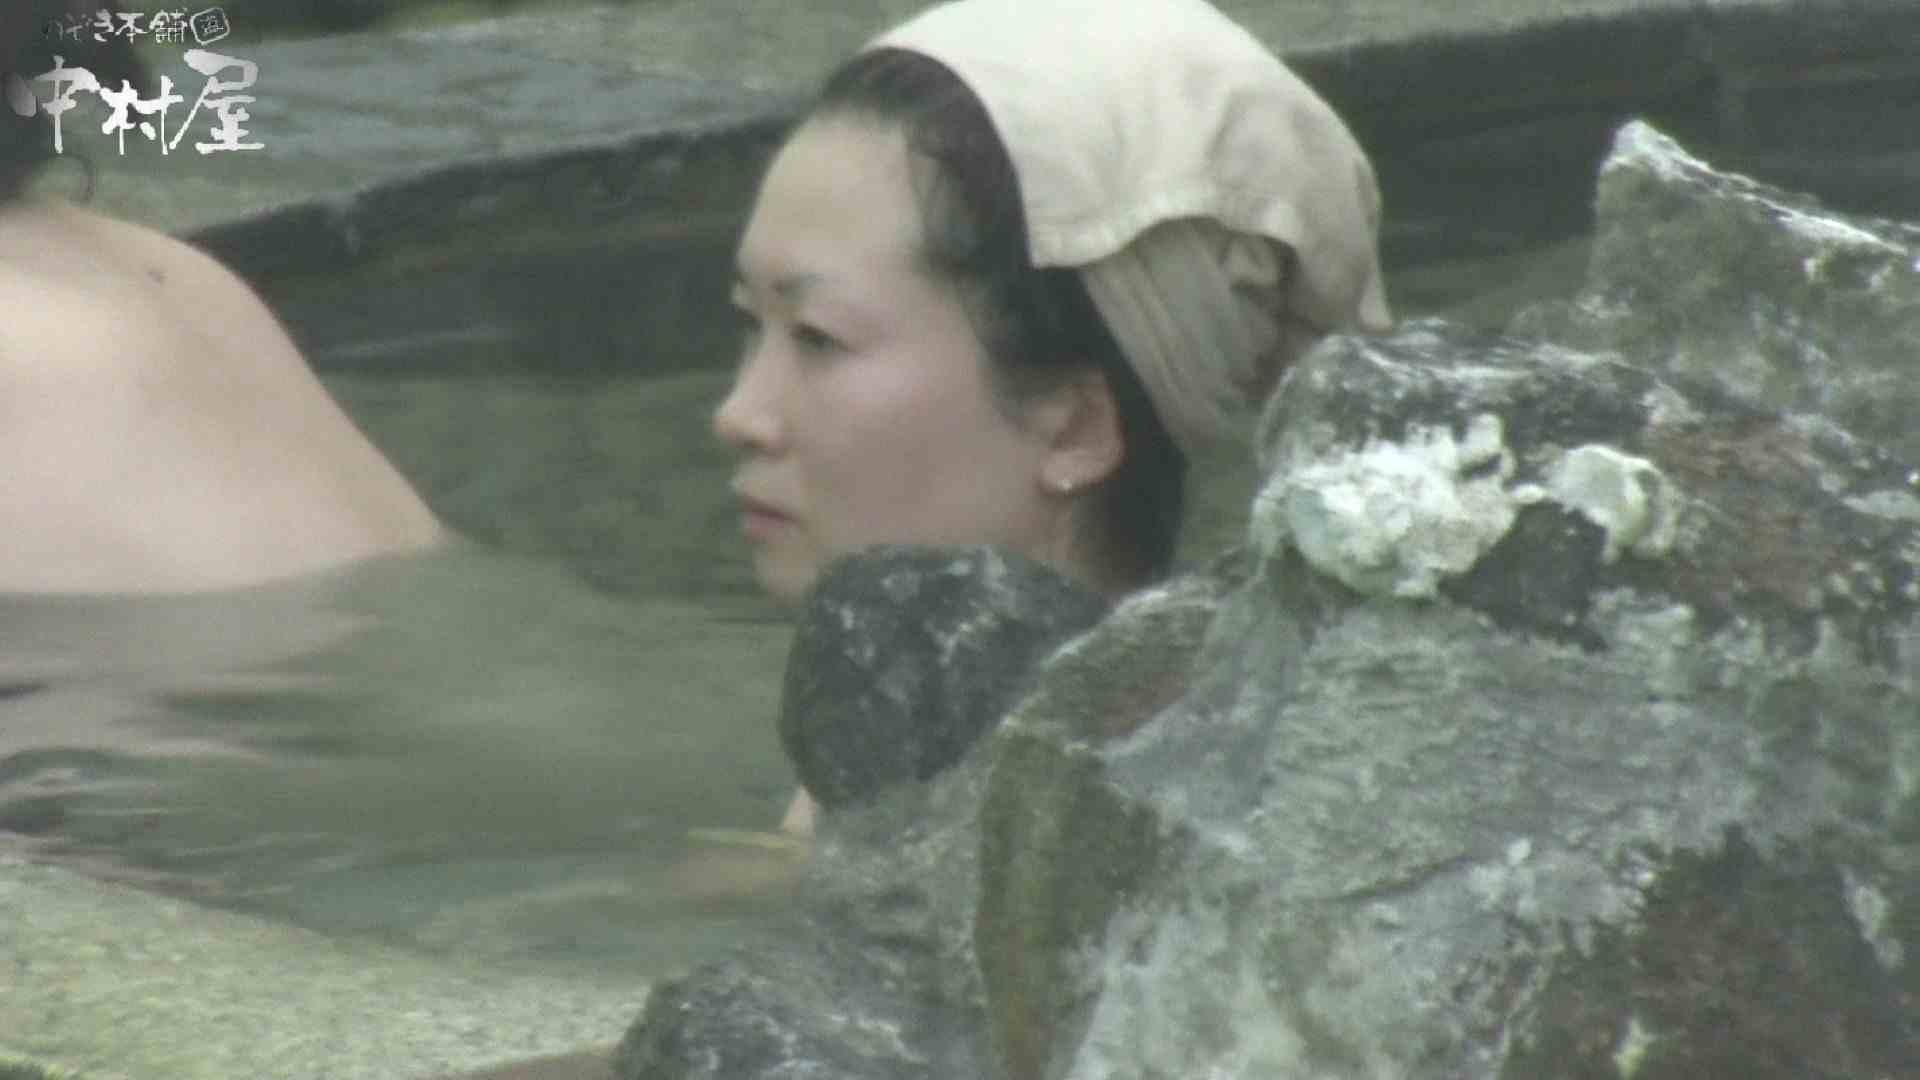 Aquaな露天風呂Vol.906 盗撮 | 露天  92画像 82